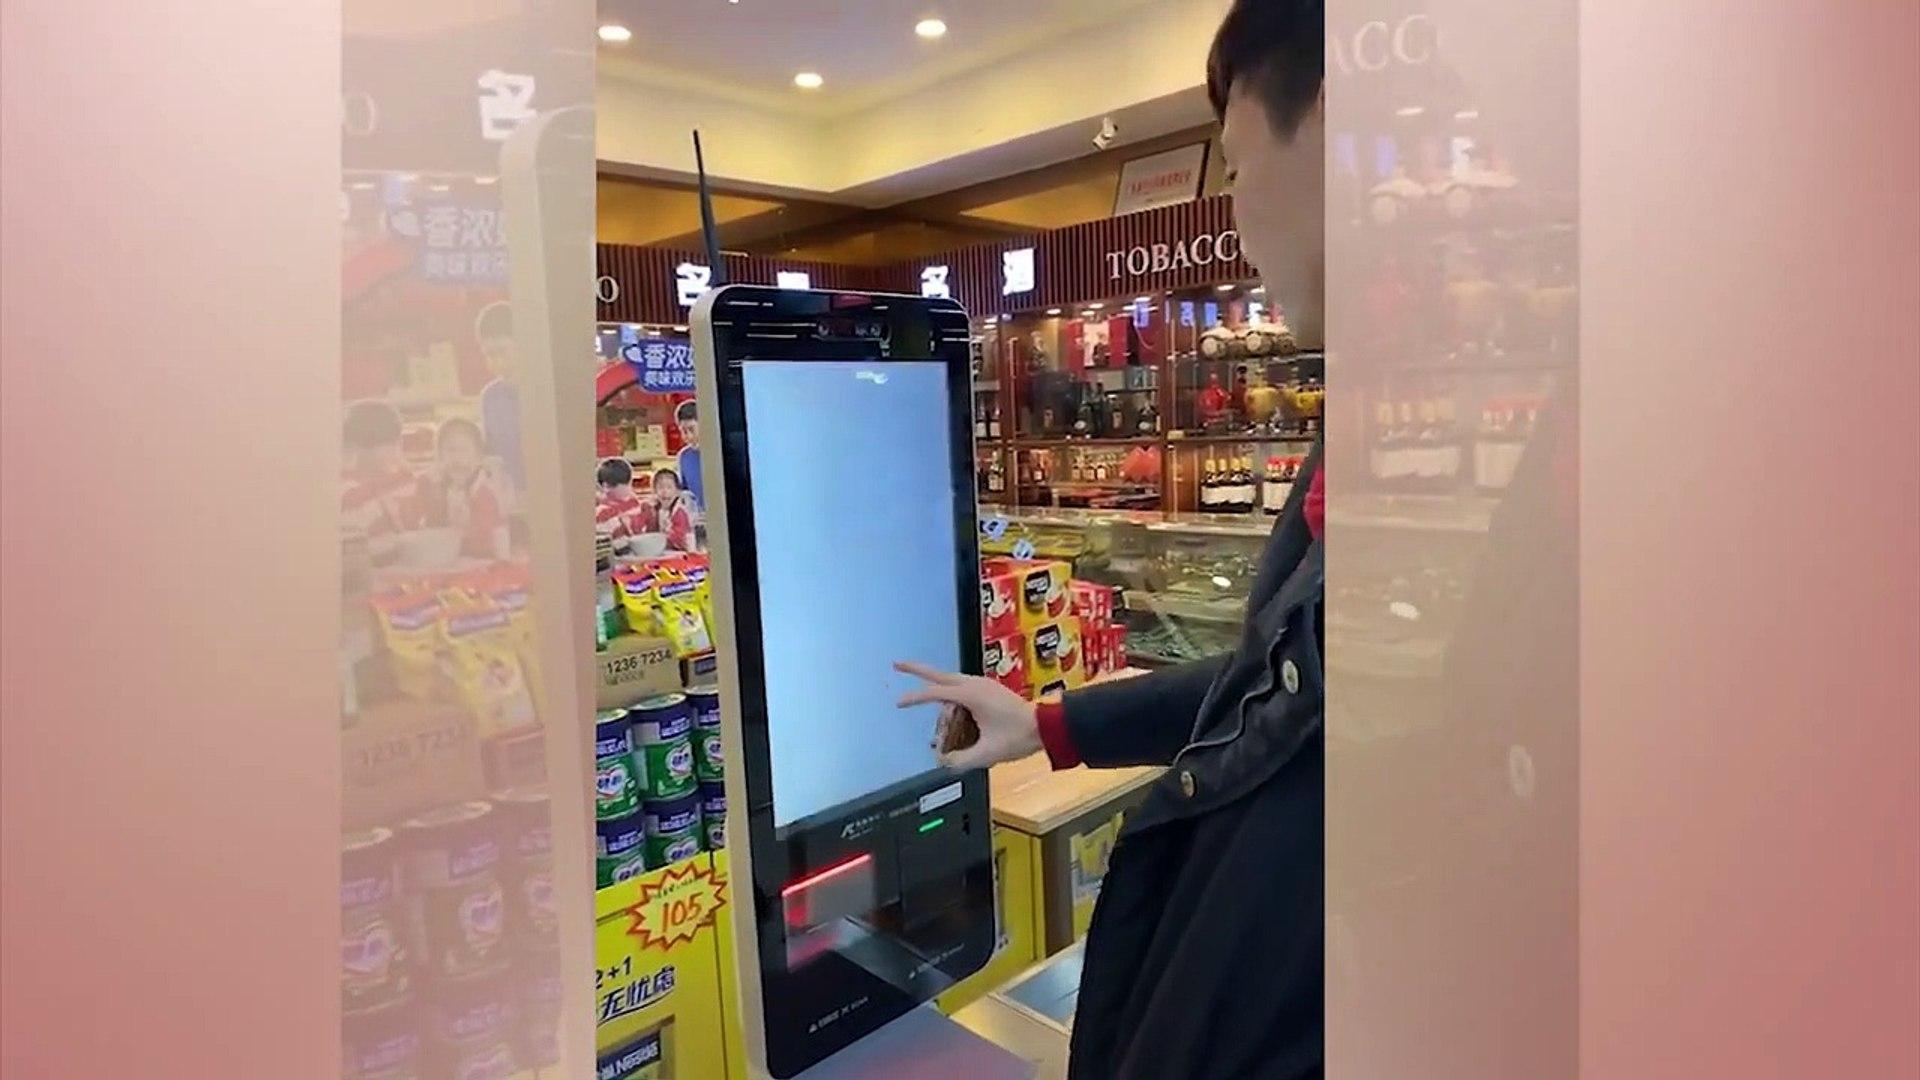 Chinese technology is amazing ][Future technology of China.